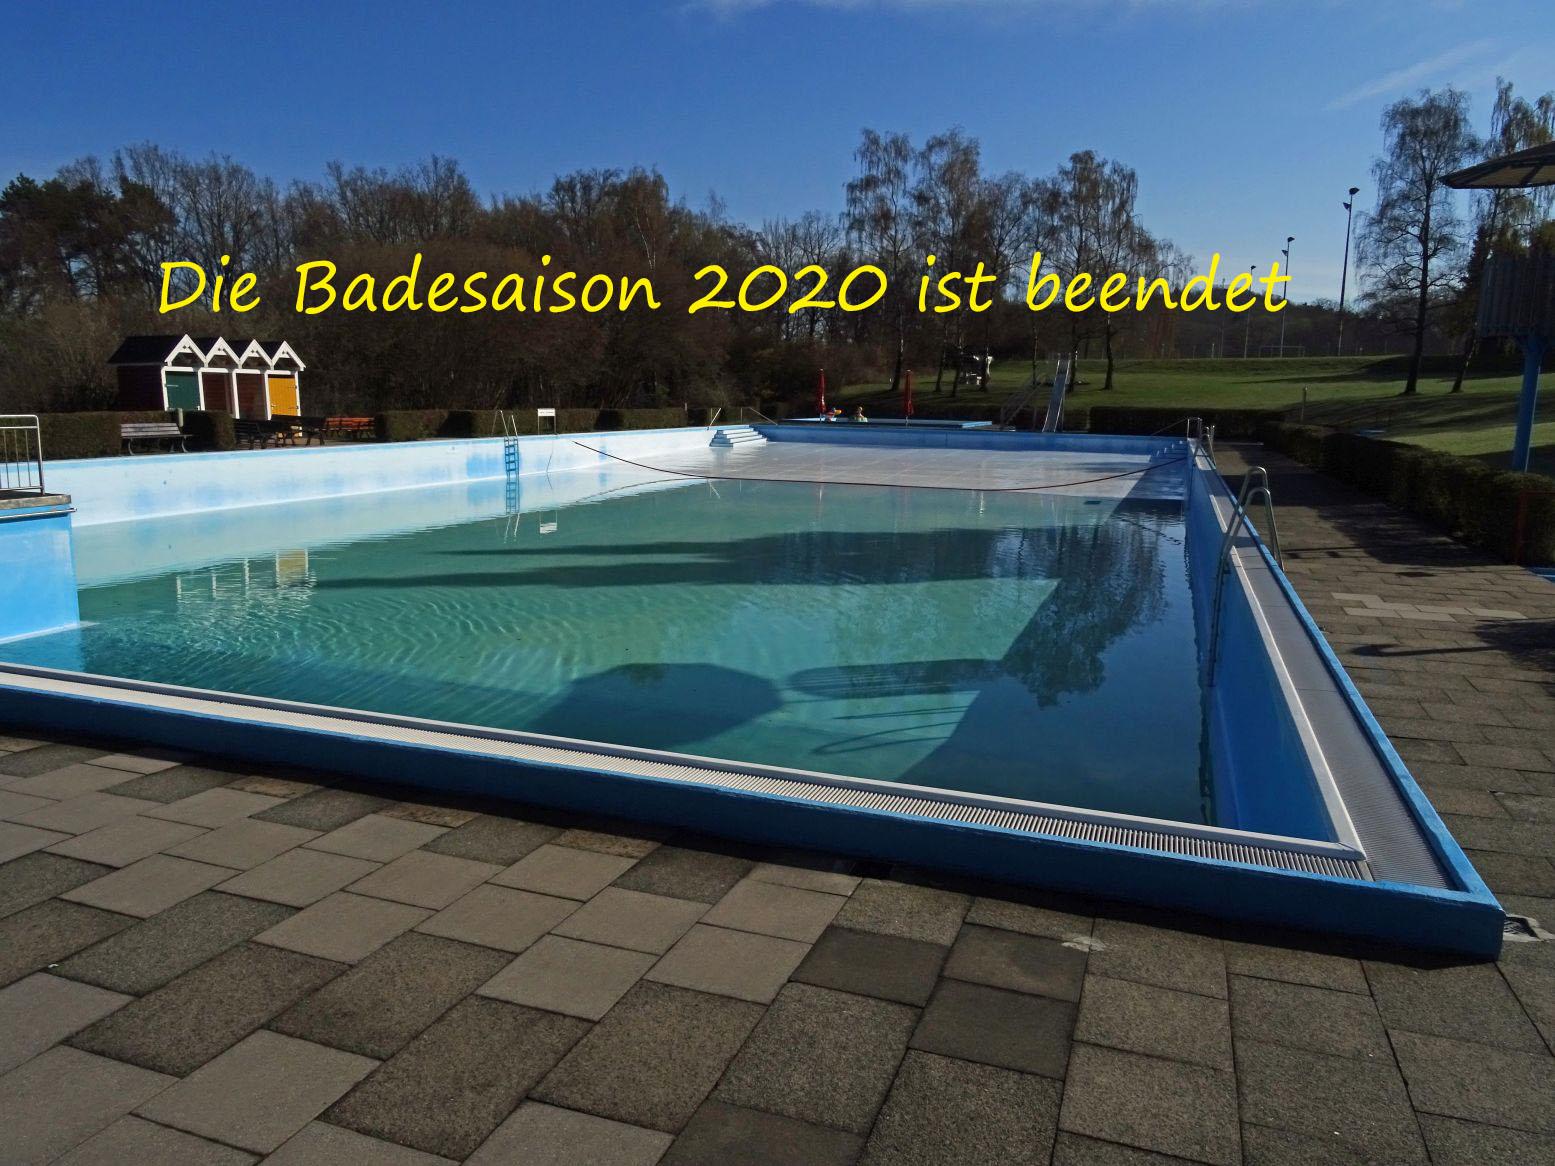 Ende-der-Badesaison